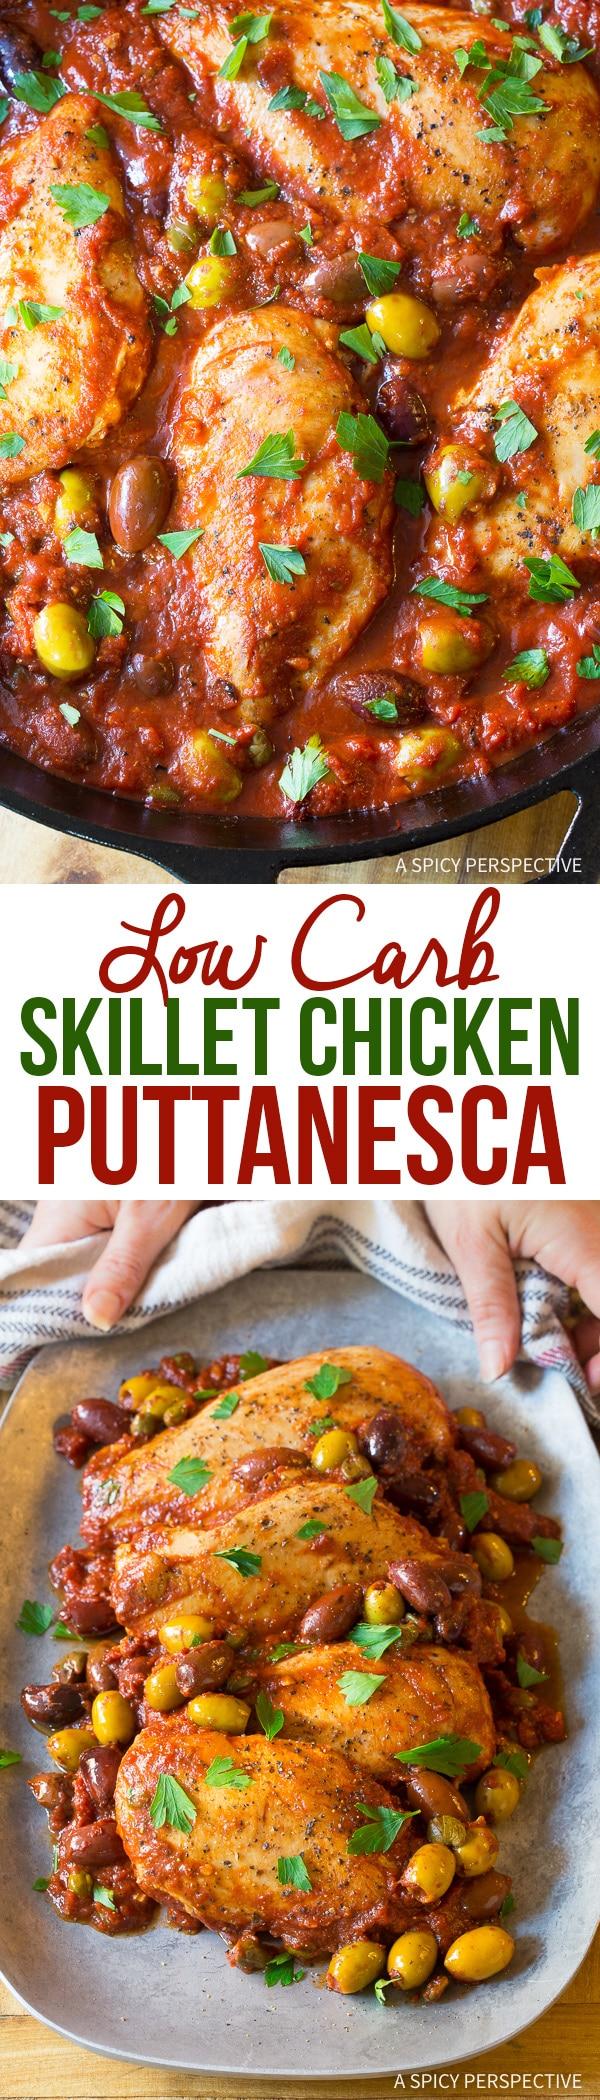 Zesty Low Carb Skillet Chicken Puttanesca Recipe